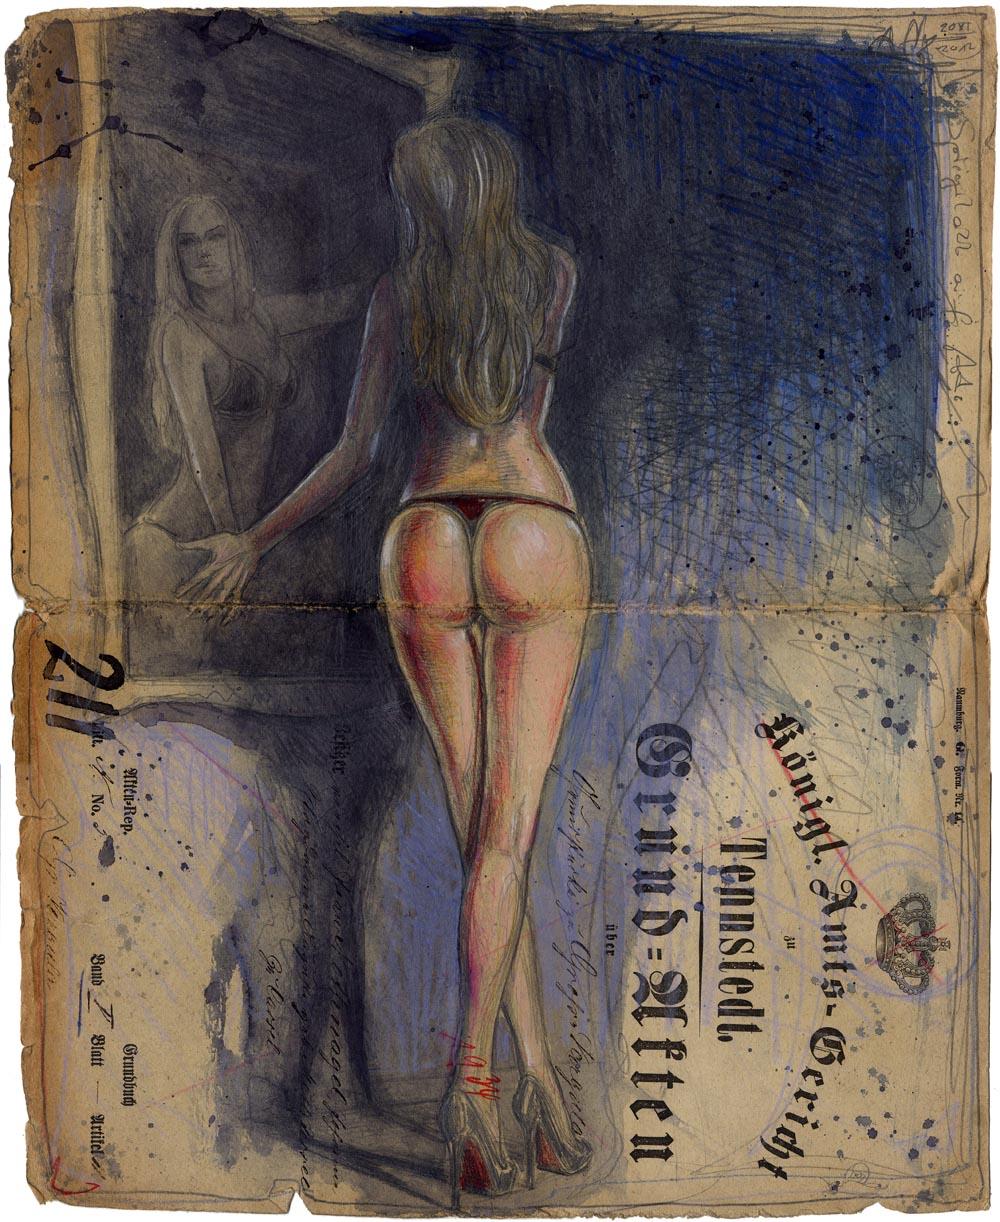 Im Sinne von: Das Bildnis des Dorian Gray - Spiegelakt auf Akte